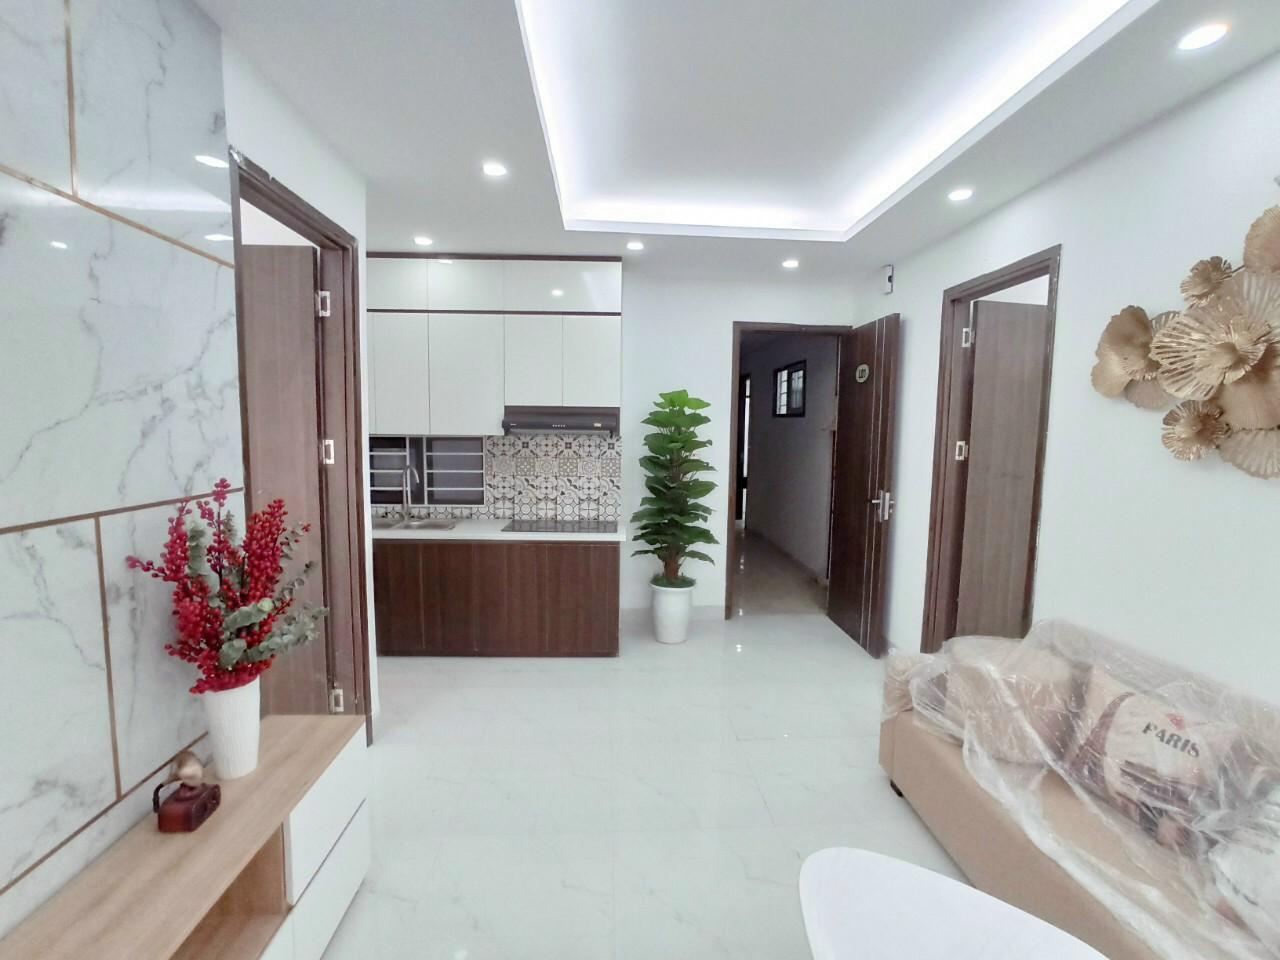 Bán chung cư Ngọc Lâm - Cầu chương dương oto đỗ cửa